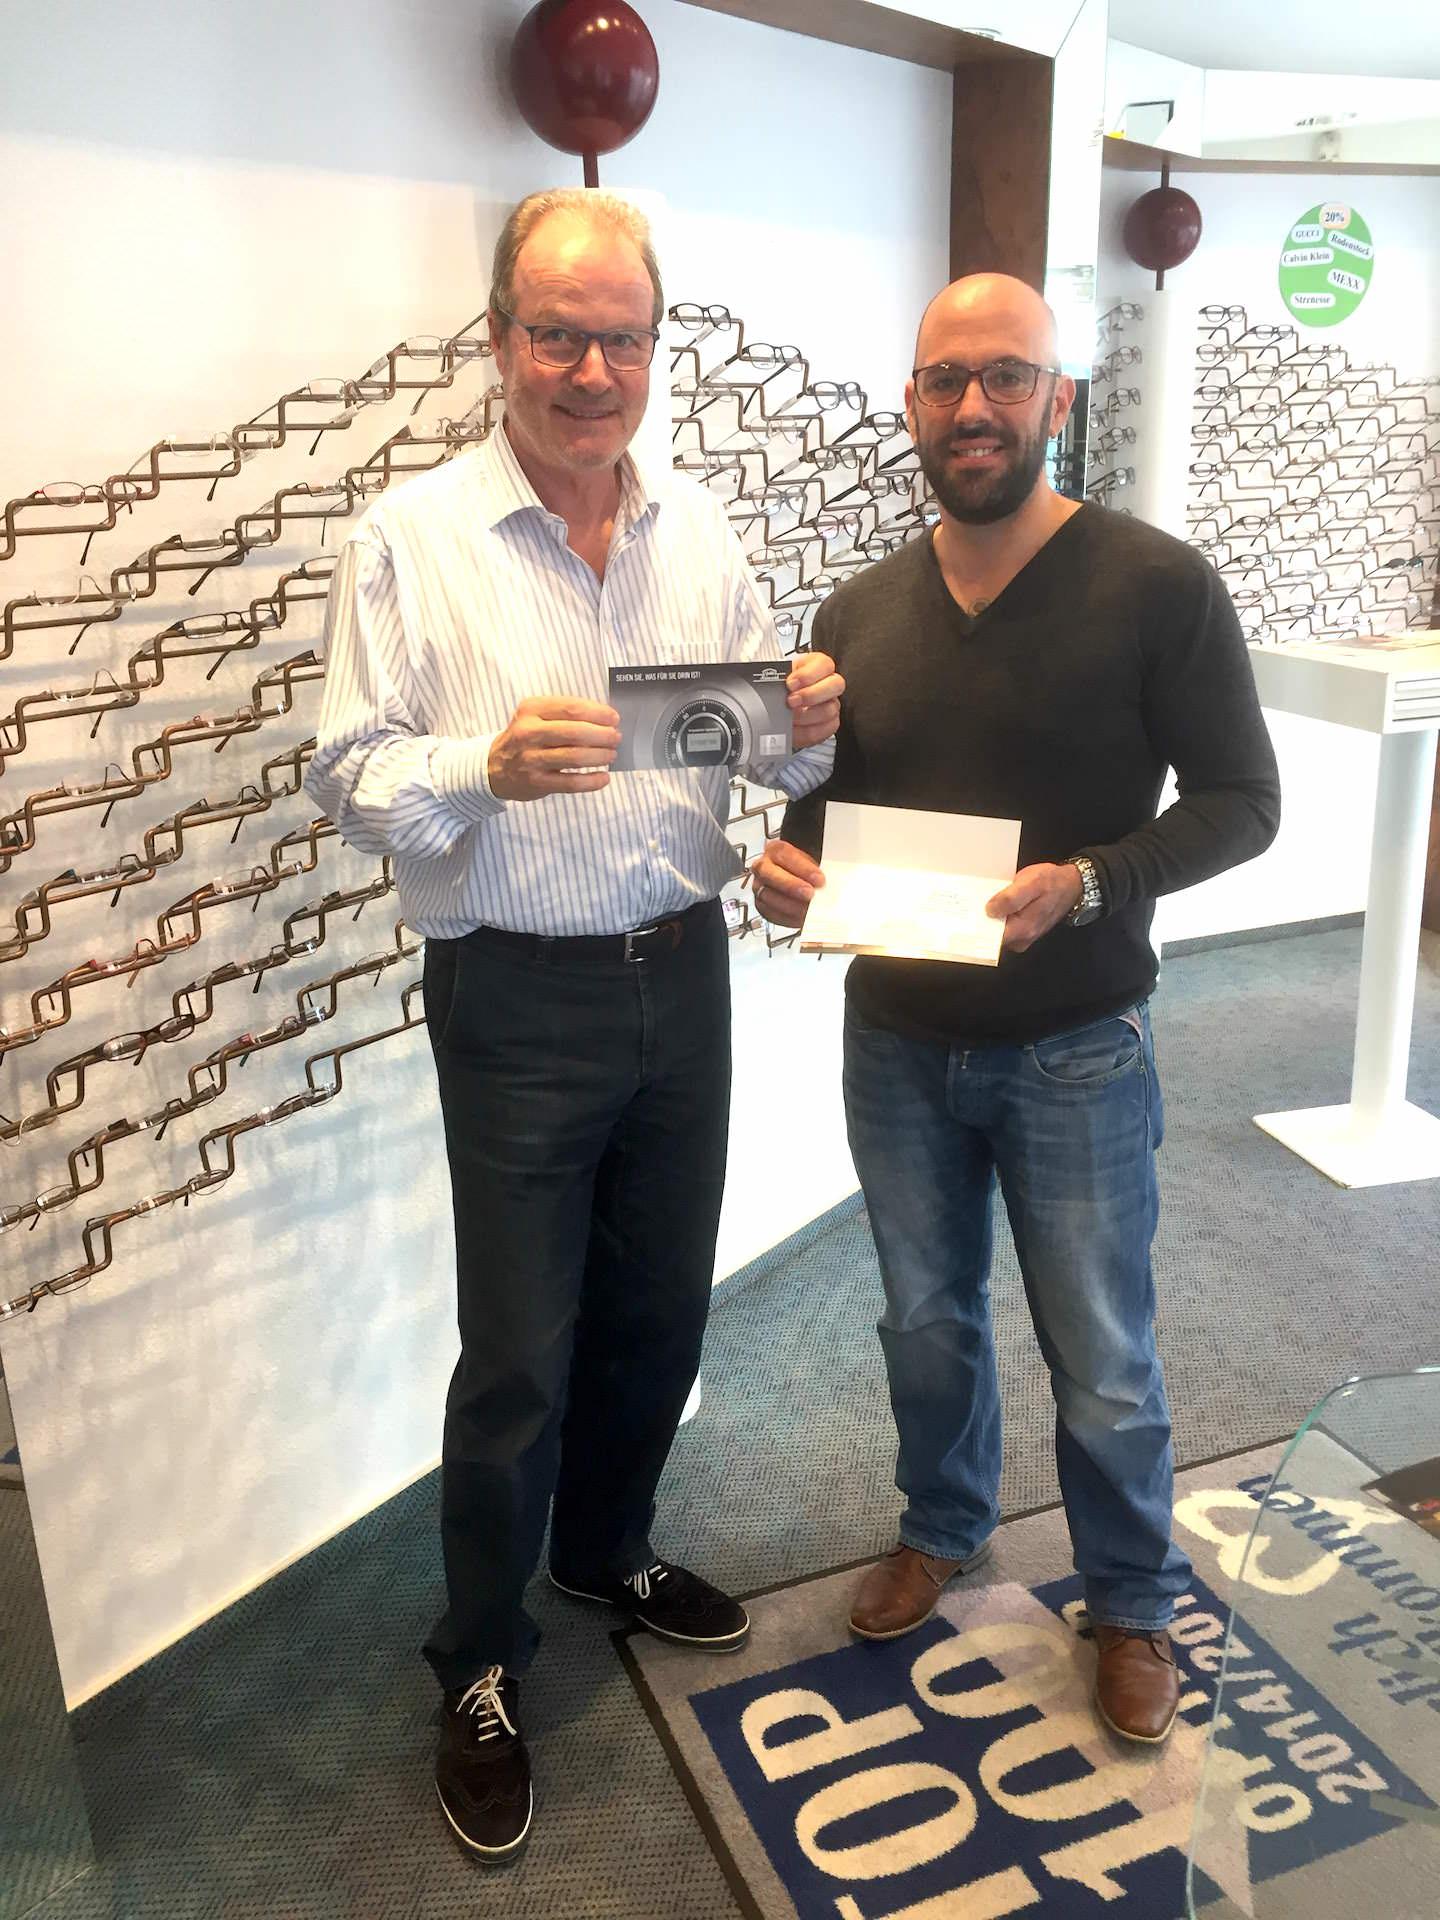 3. Platz: Holger Kuprat - 50 € Gutschein